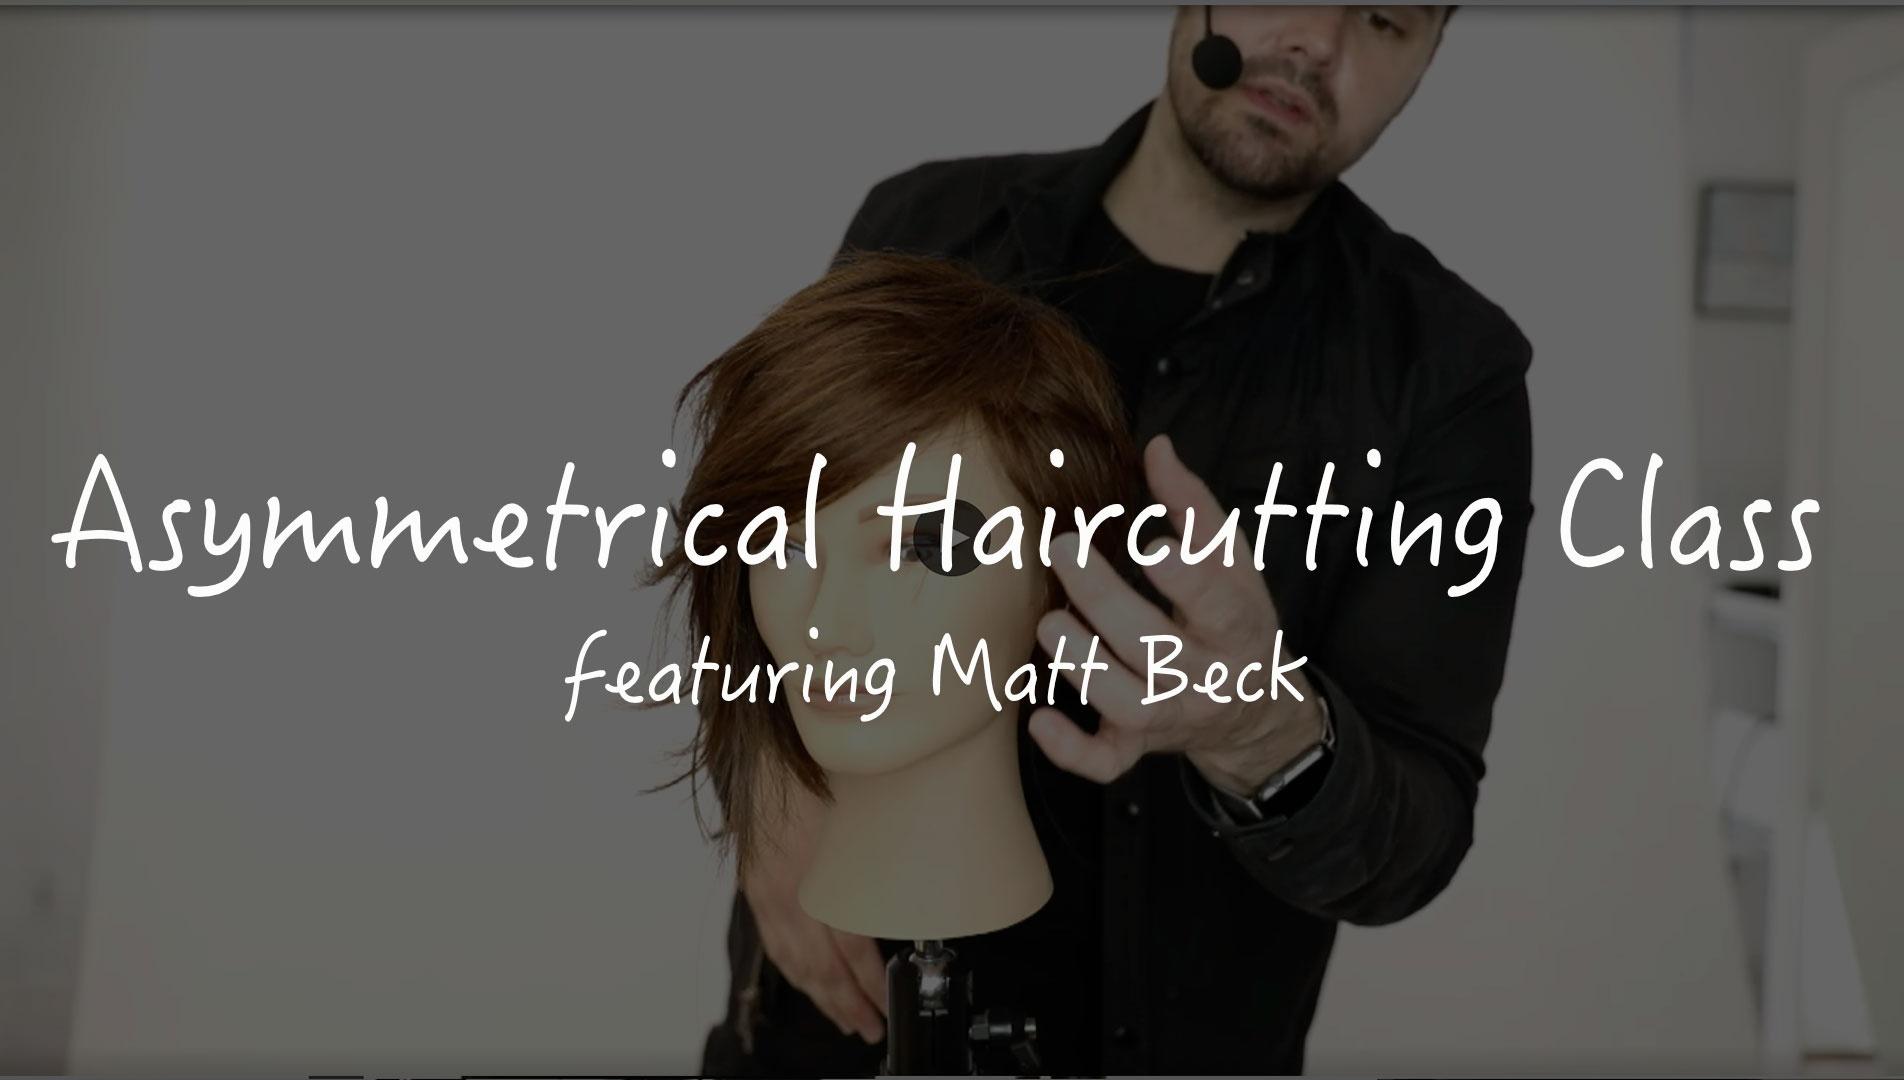 Vfd56ou9sganq2pwnx2j asymmetrical haircutting class